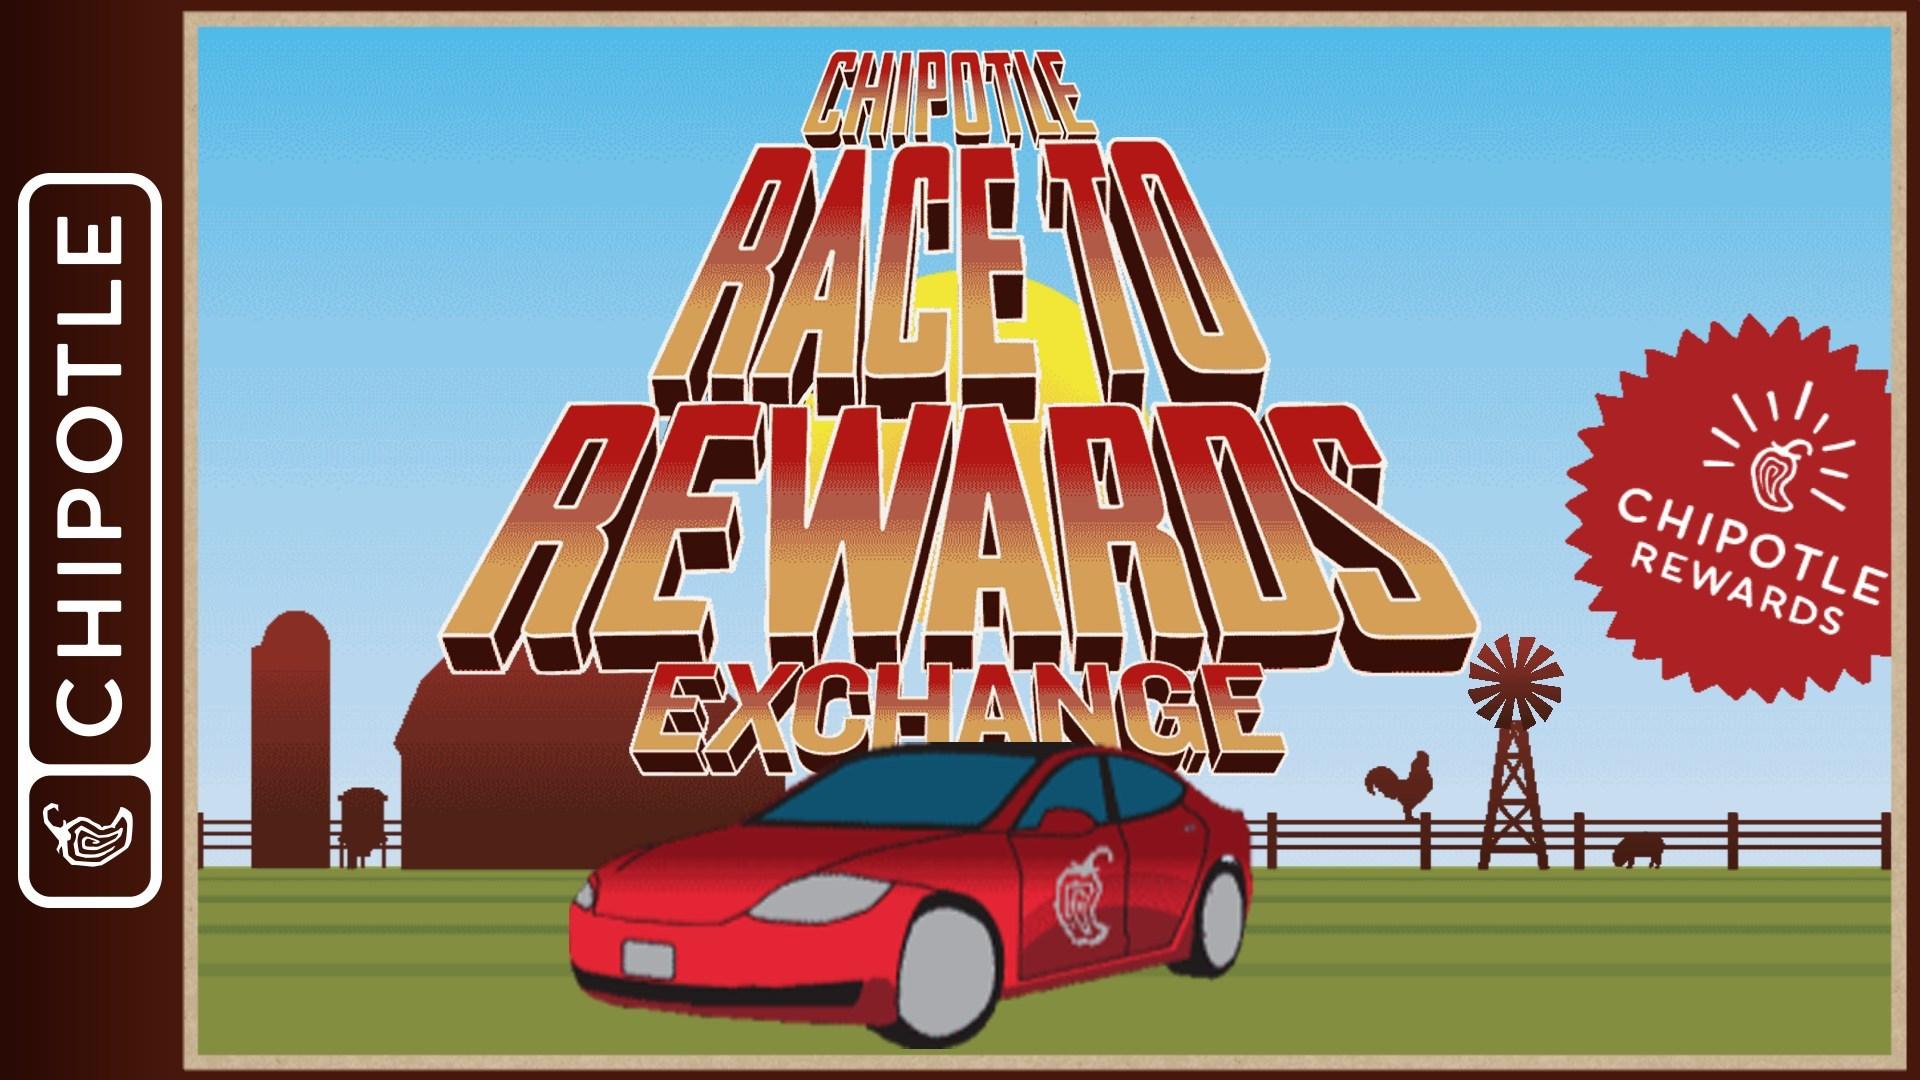 Chipotle запускает новую классную видеоигру с Tesla Model 3, и вы можете выиграть одну